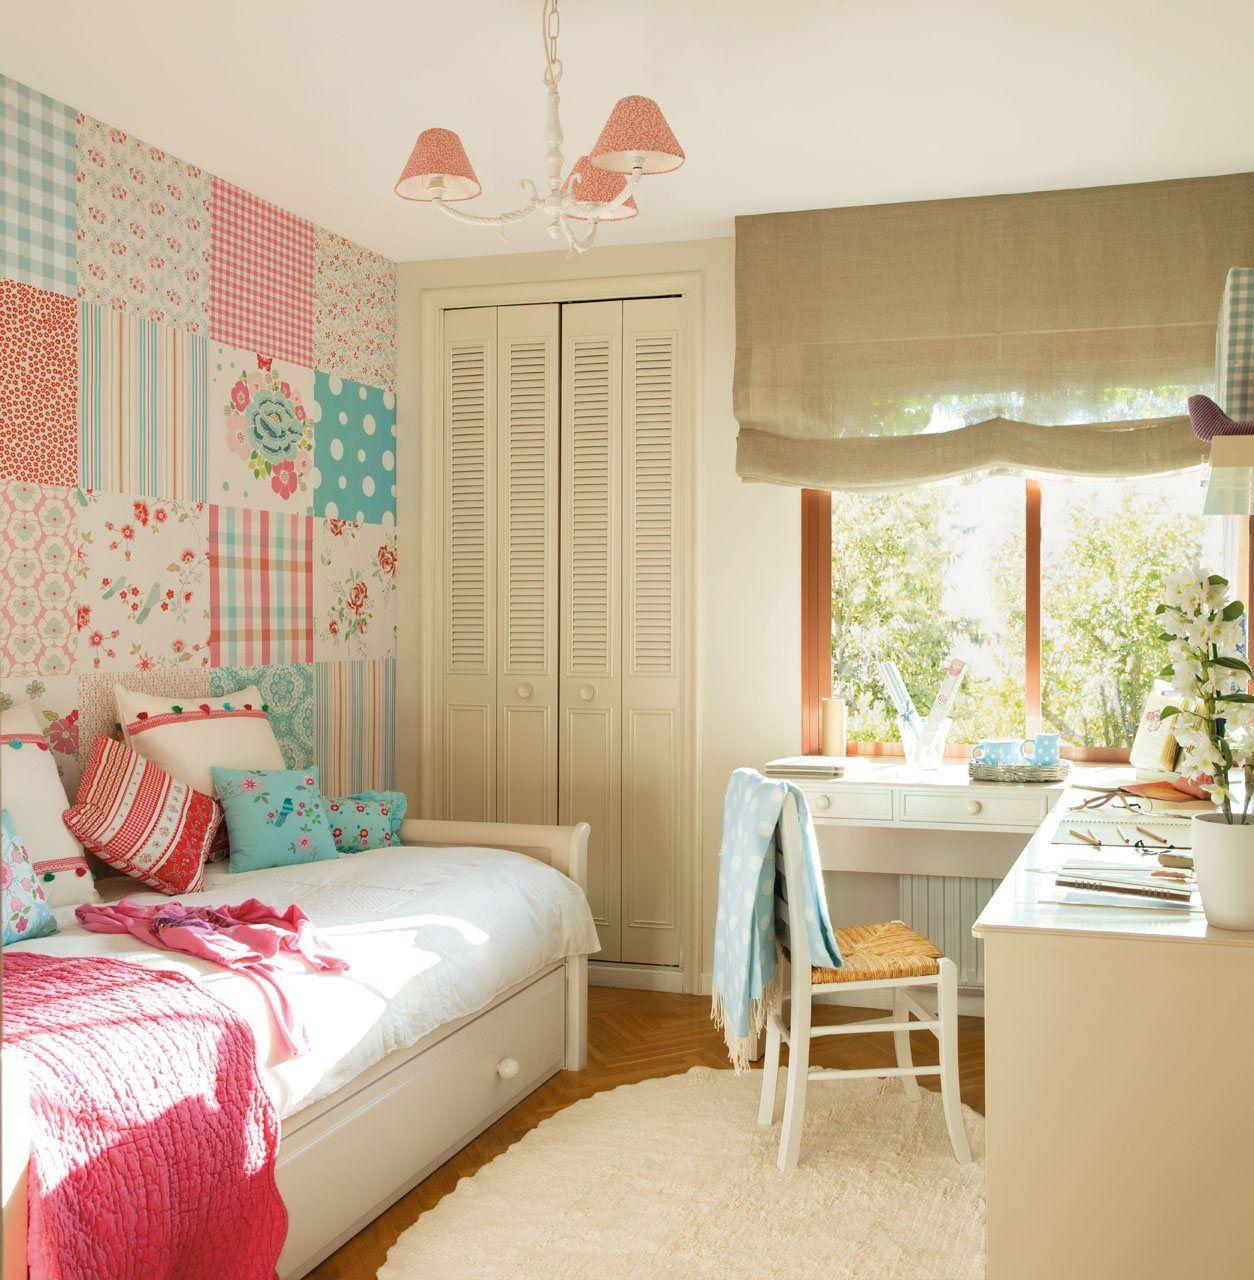 10 cuartos de ni os renovados por el mueble especiales bianbed pinterest